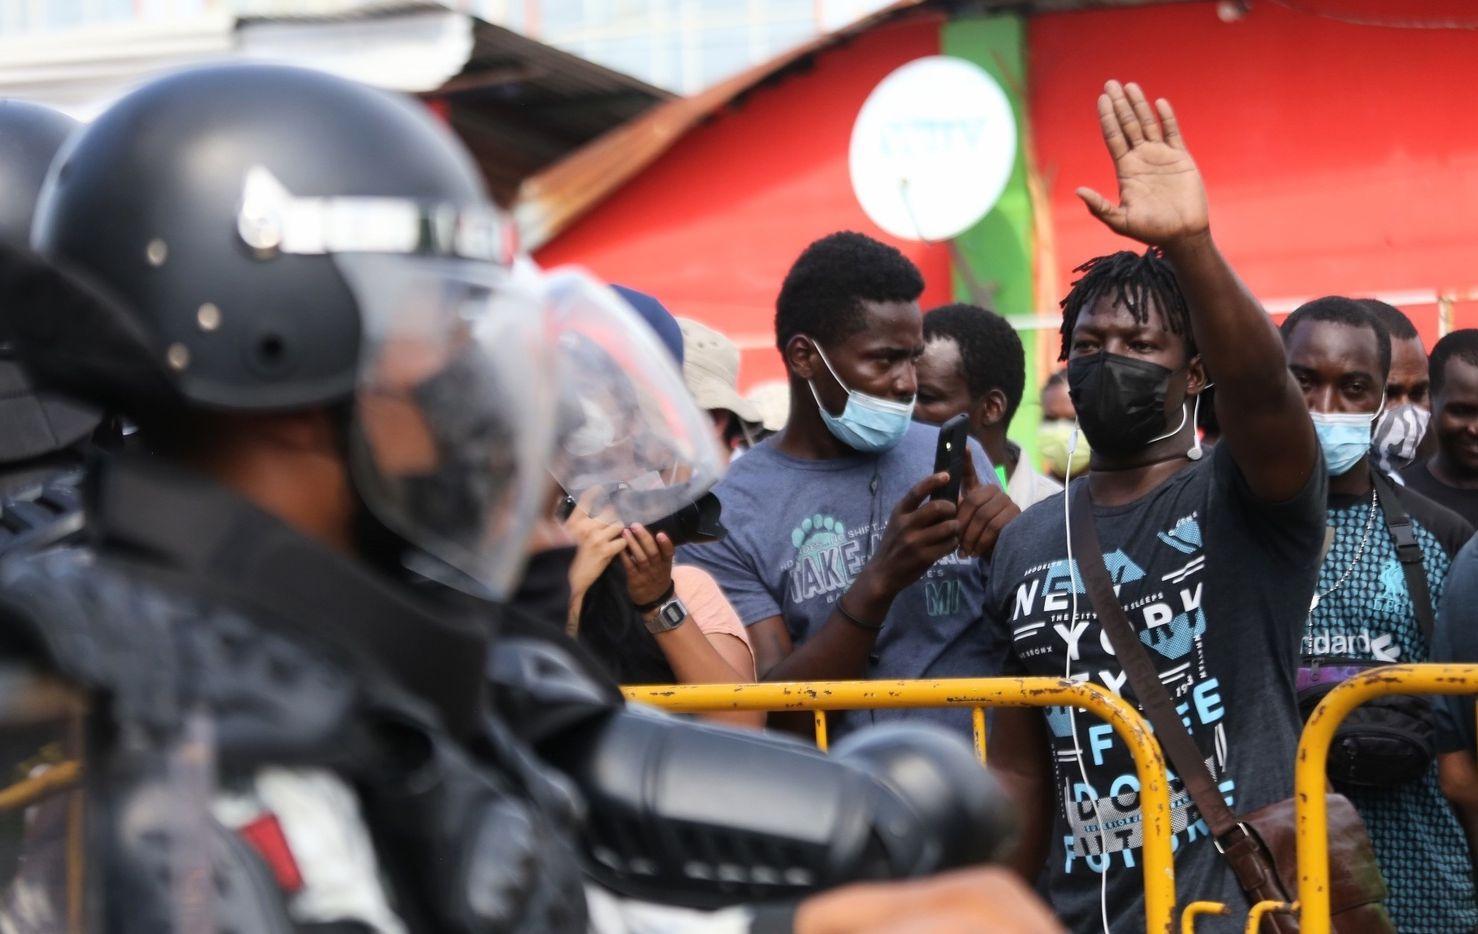 La Guardia Nacional de México detuvo el paso de un grupo de migrantes de Haiti en Chiapas.